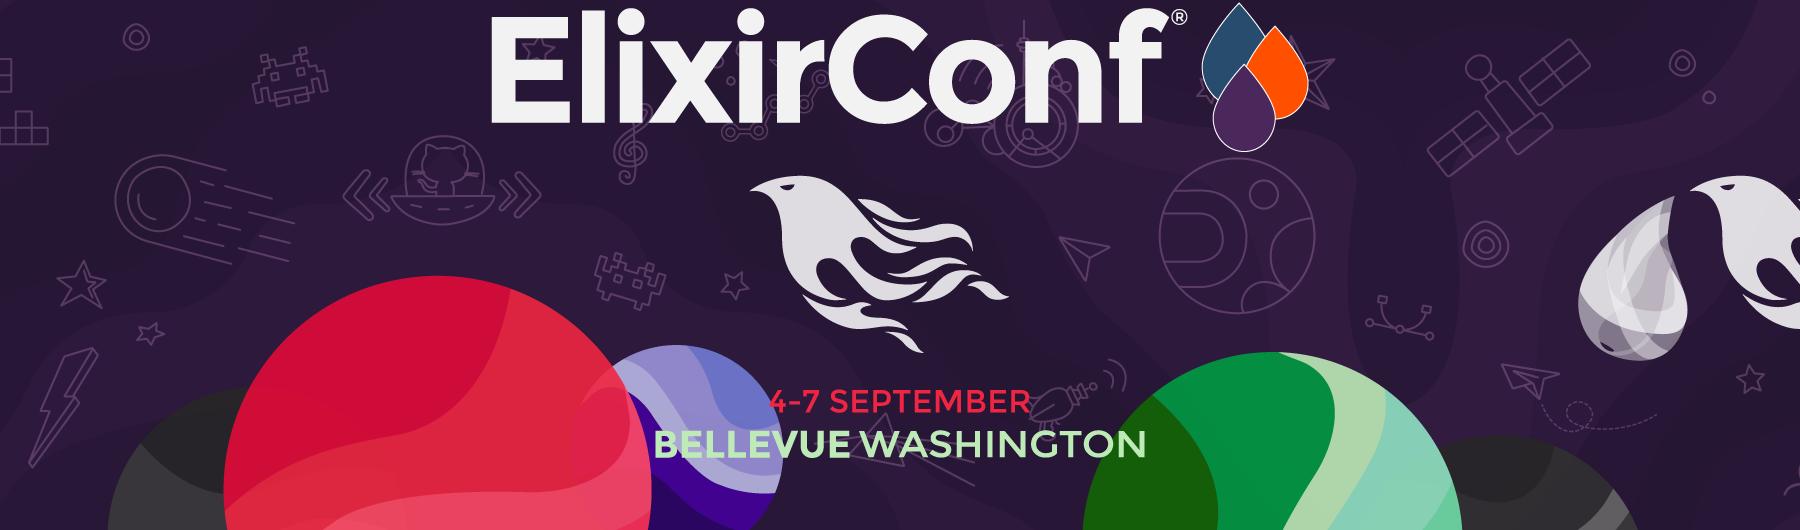 ElixirConf® US 2018